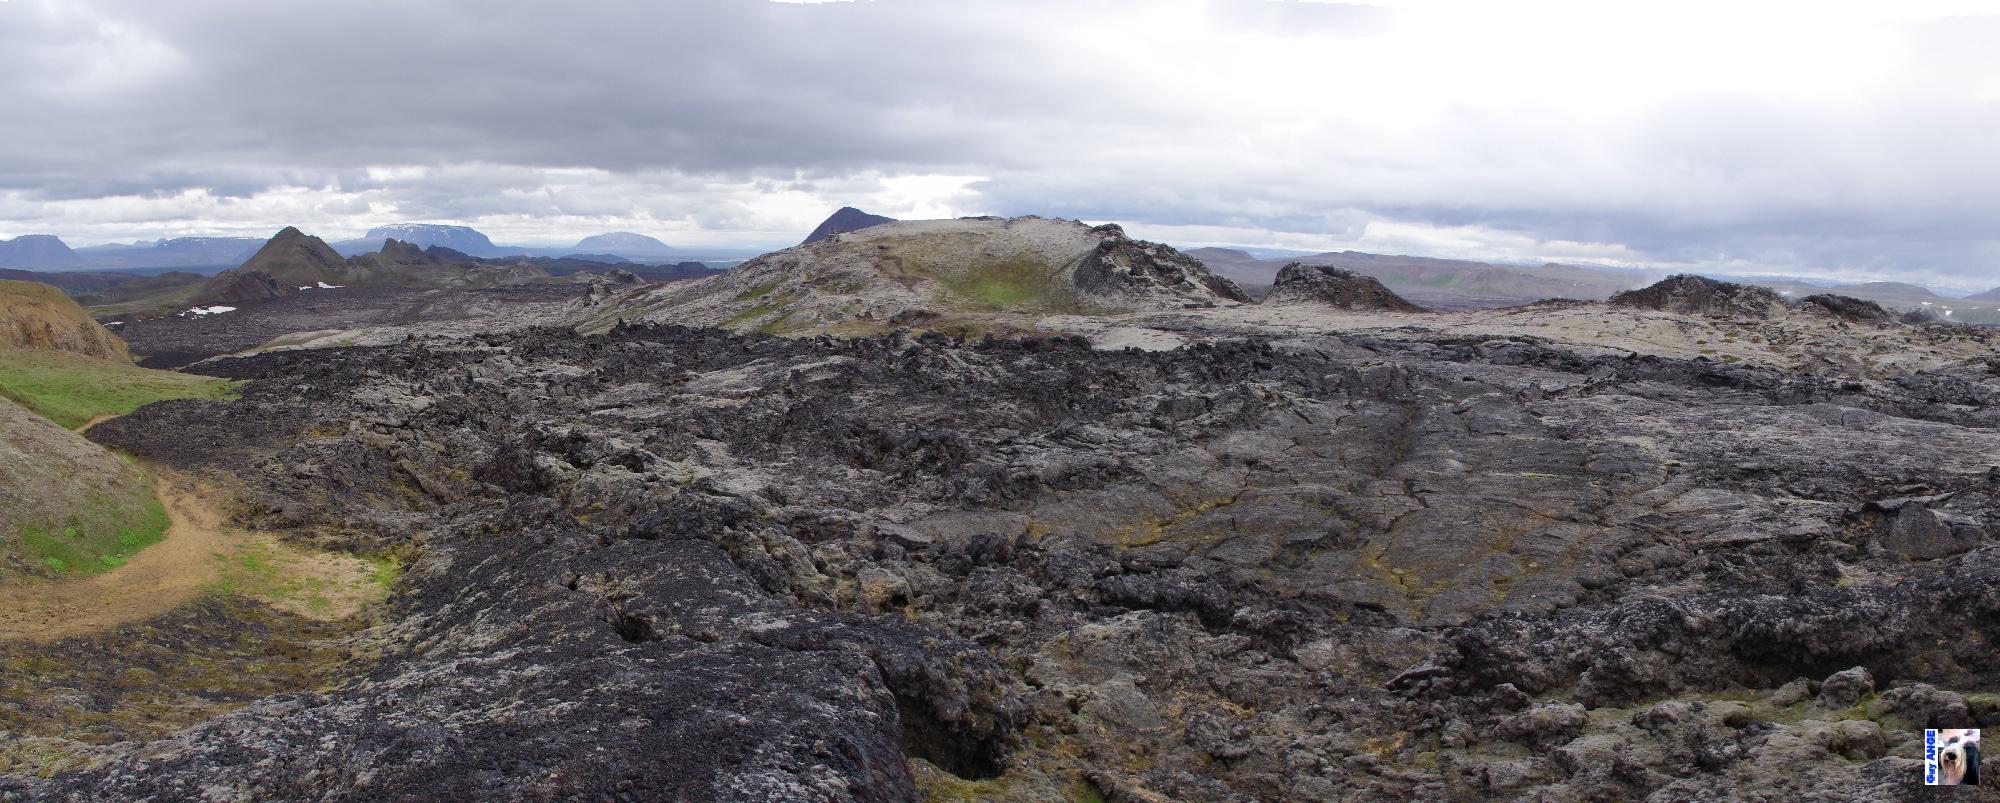 Les champs de lave de Krafla, éruption de 1984.